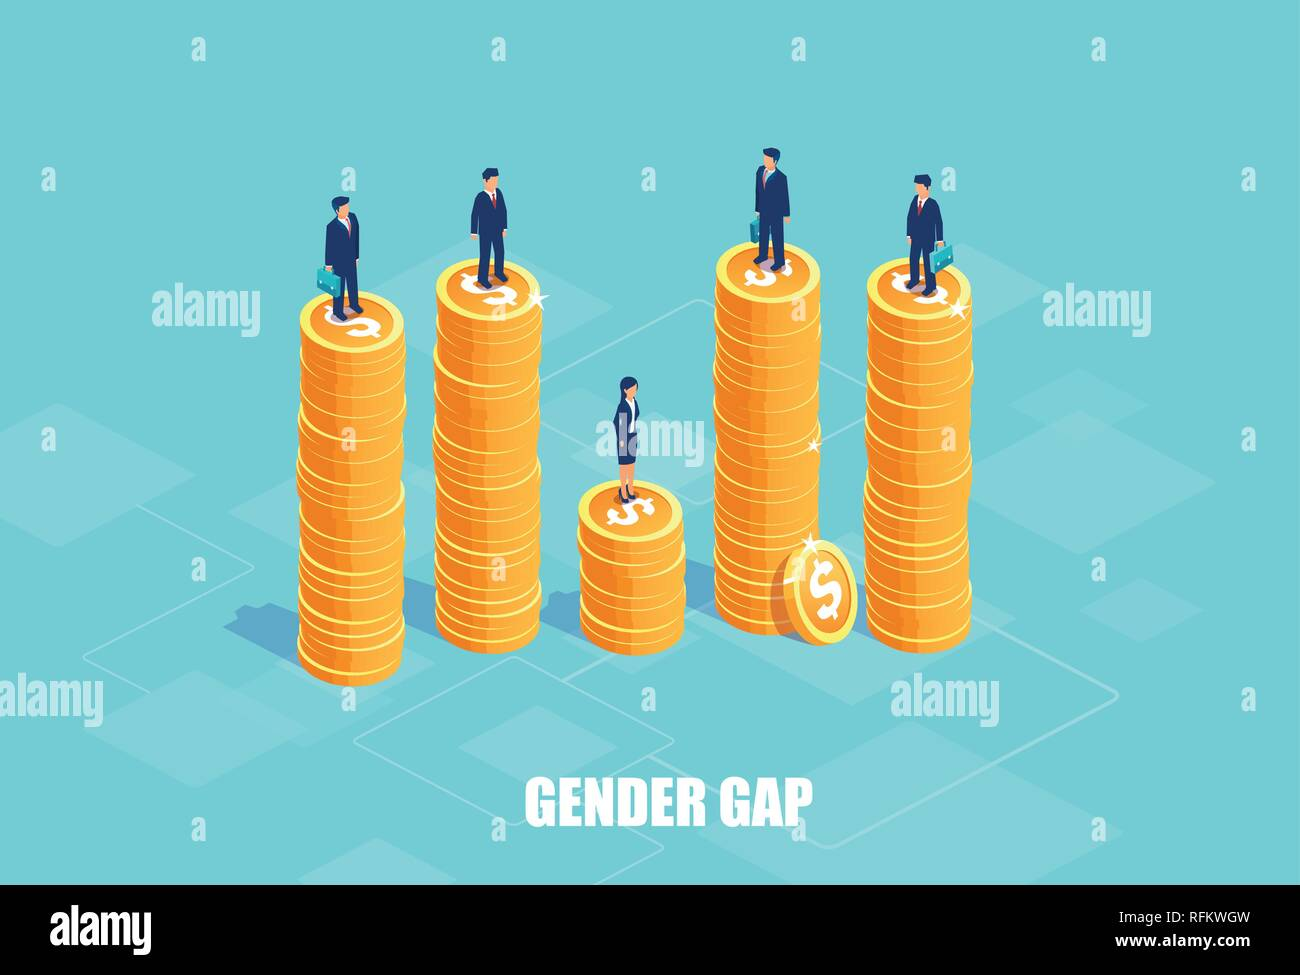 Gender Gap und Pay unterschied Konzept. Vektor der Geschäftsleute und Geschäftsfrau auf Haufen von Münzen verschiedener Höhe. Symbol der Diskriminierung und EINSPRITZ-STEUERGERÄT Stock Vektor